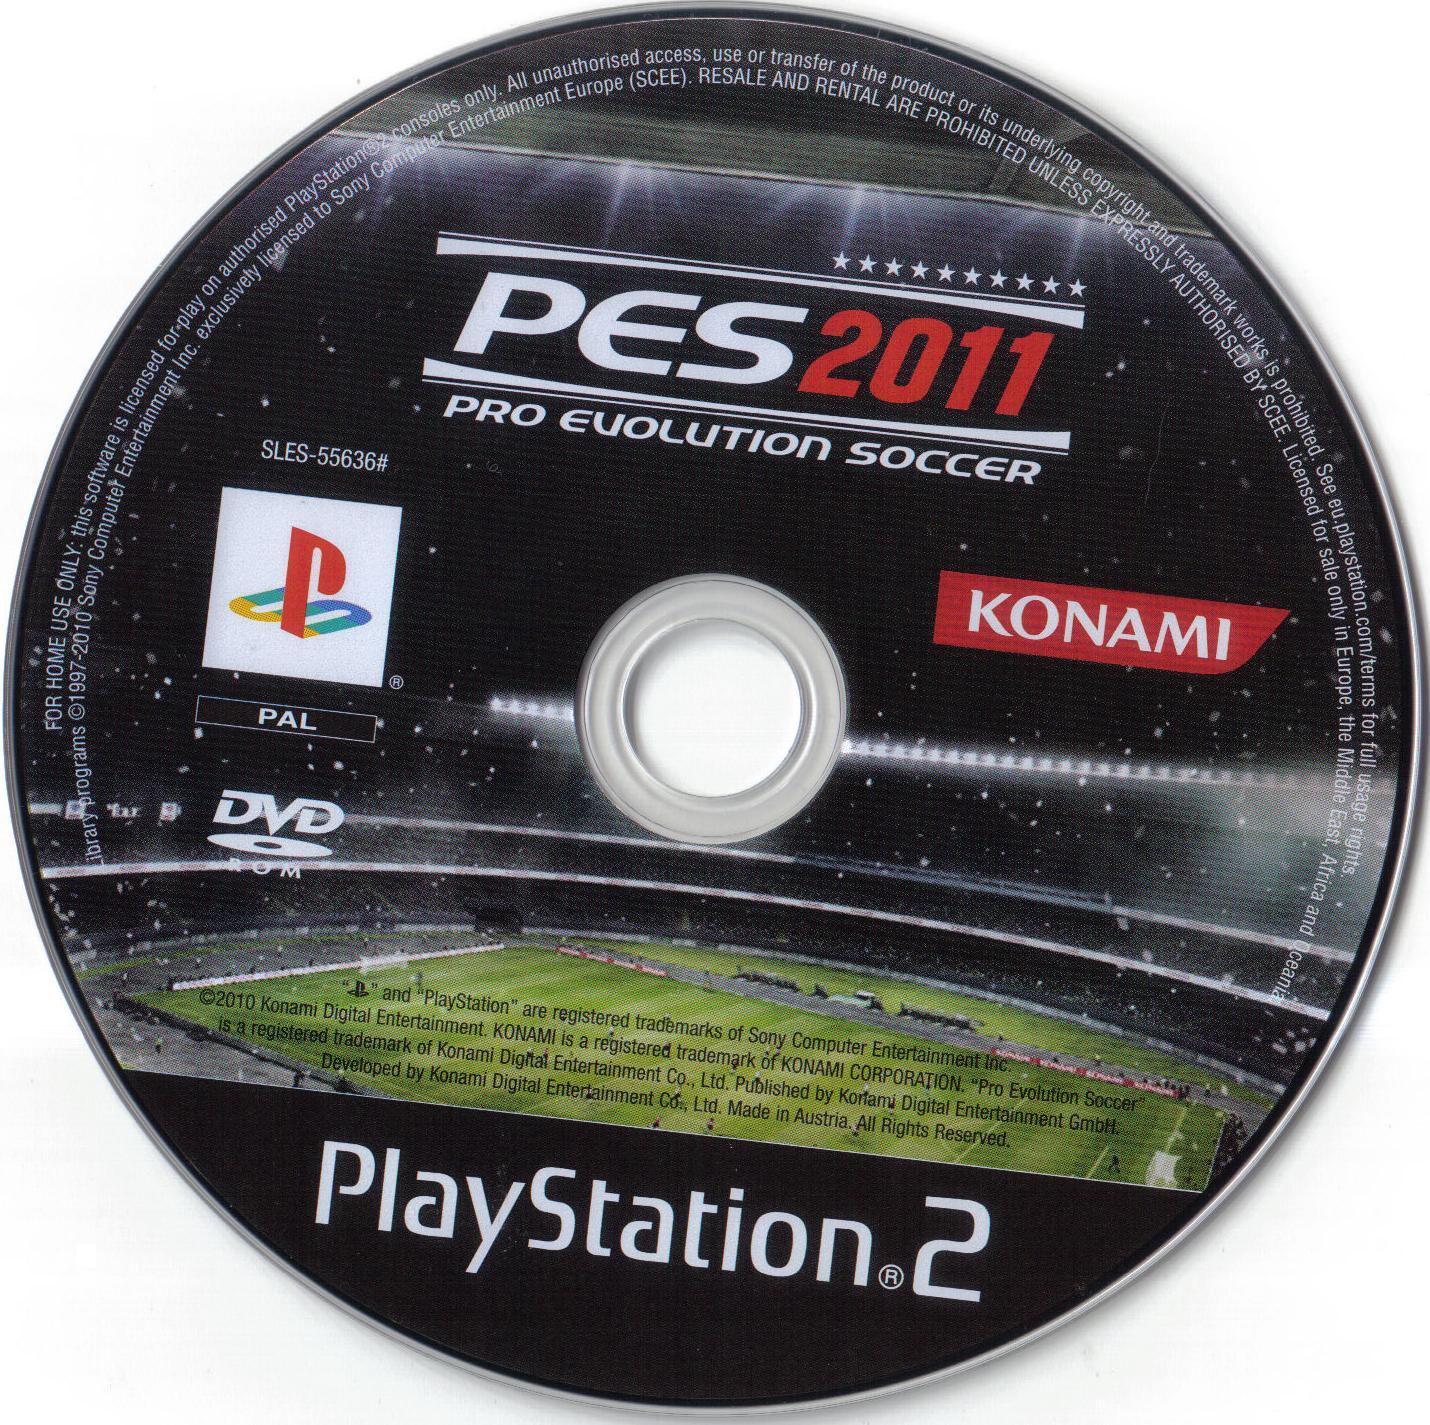 Pro Evolution Soccer 2011 (Europe) (Es,It,Pt,El) ISO < PS2